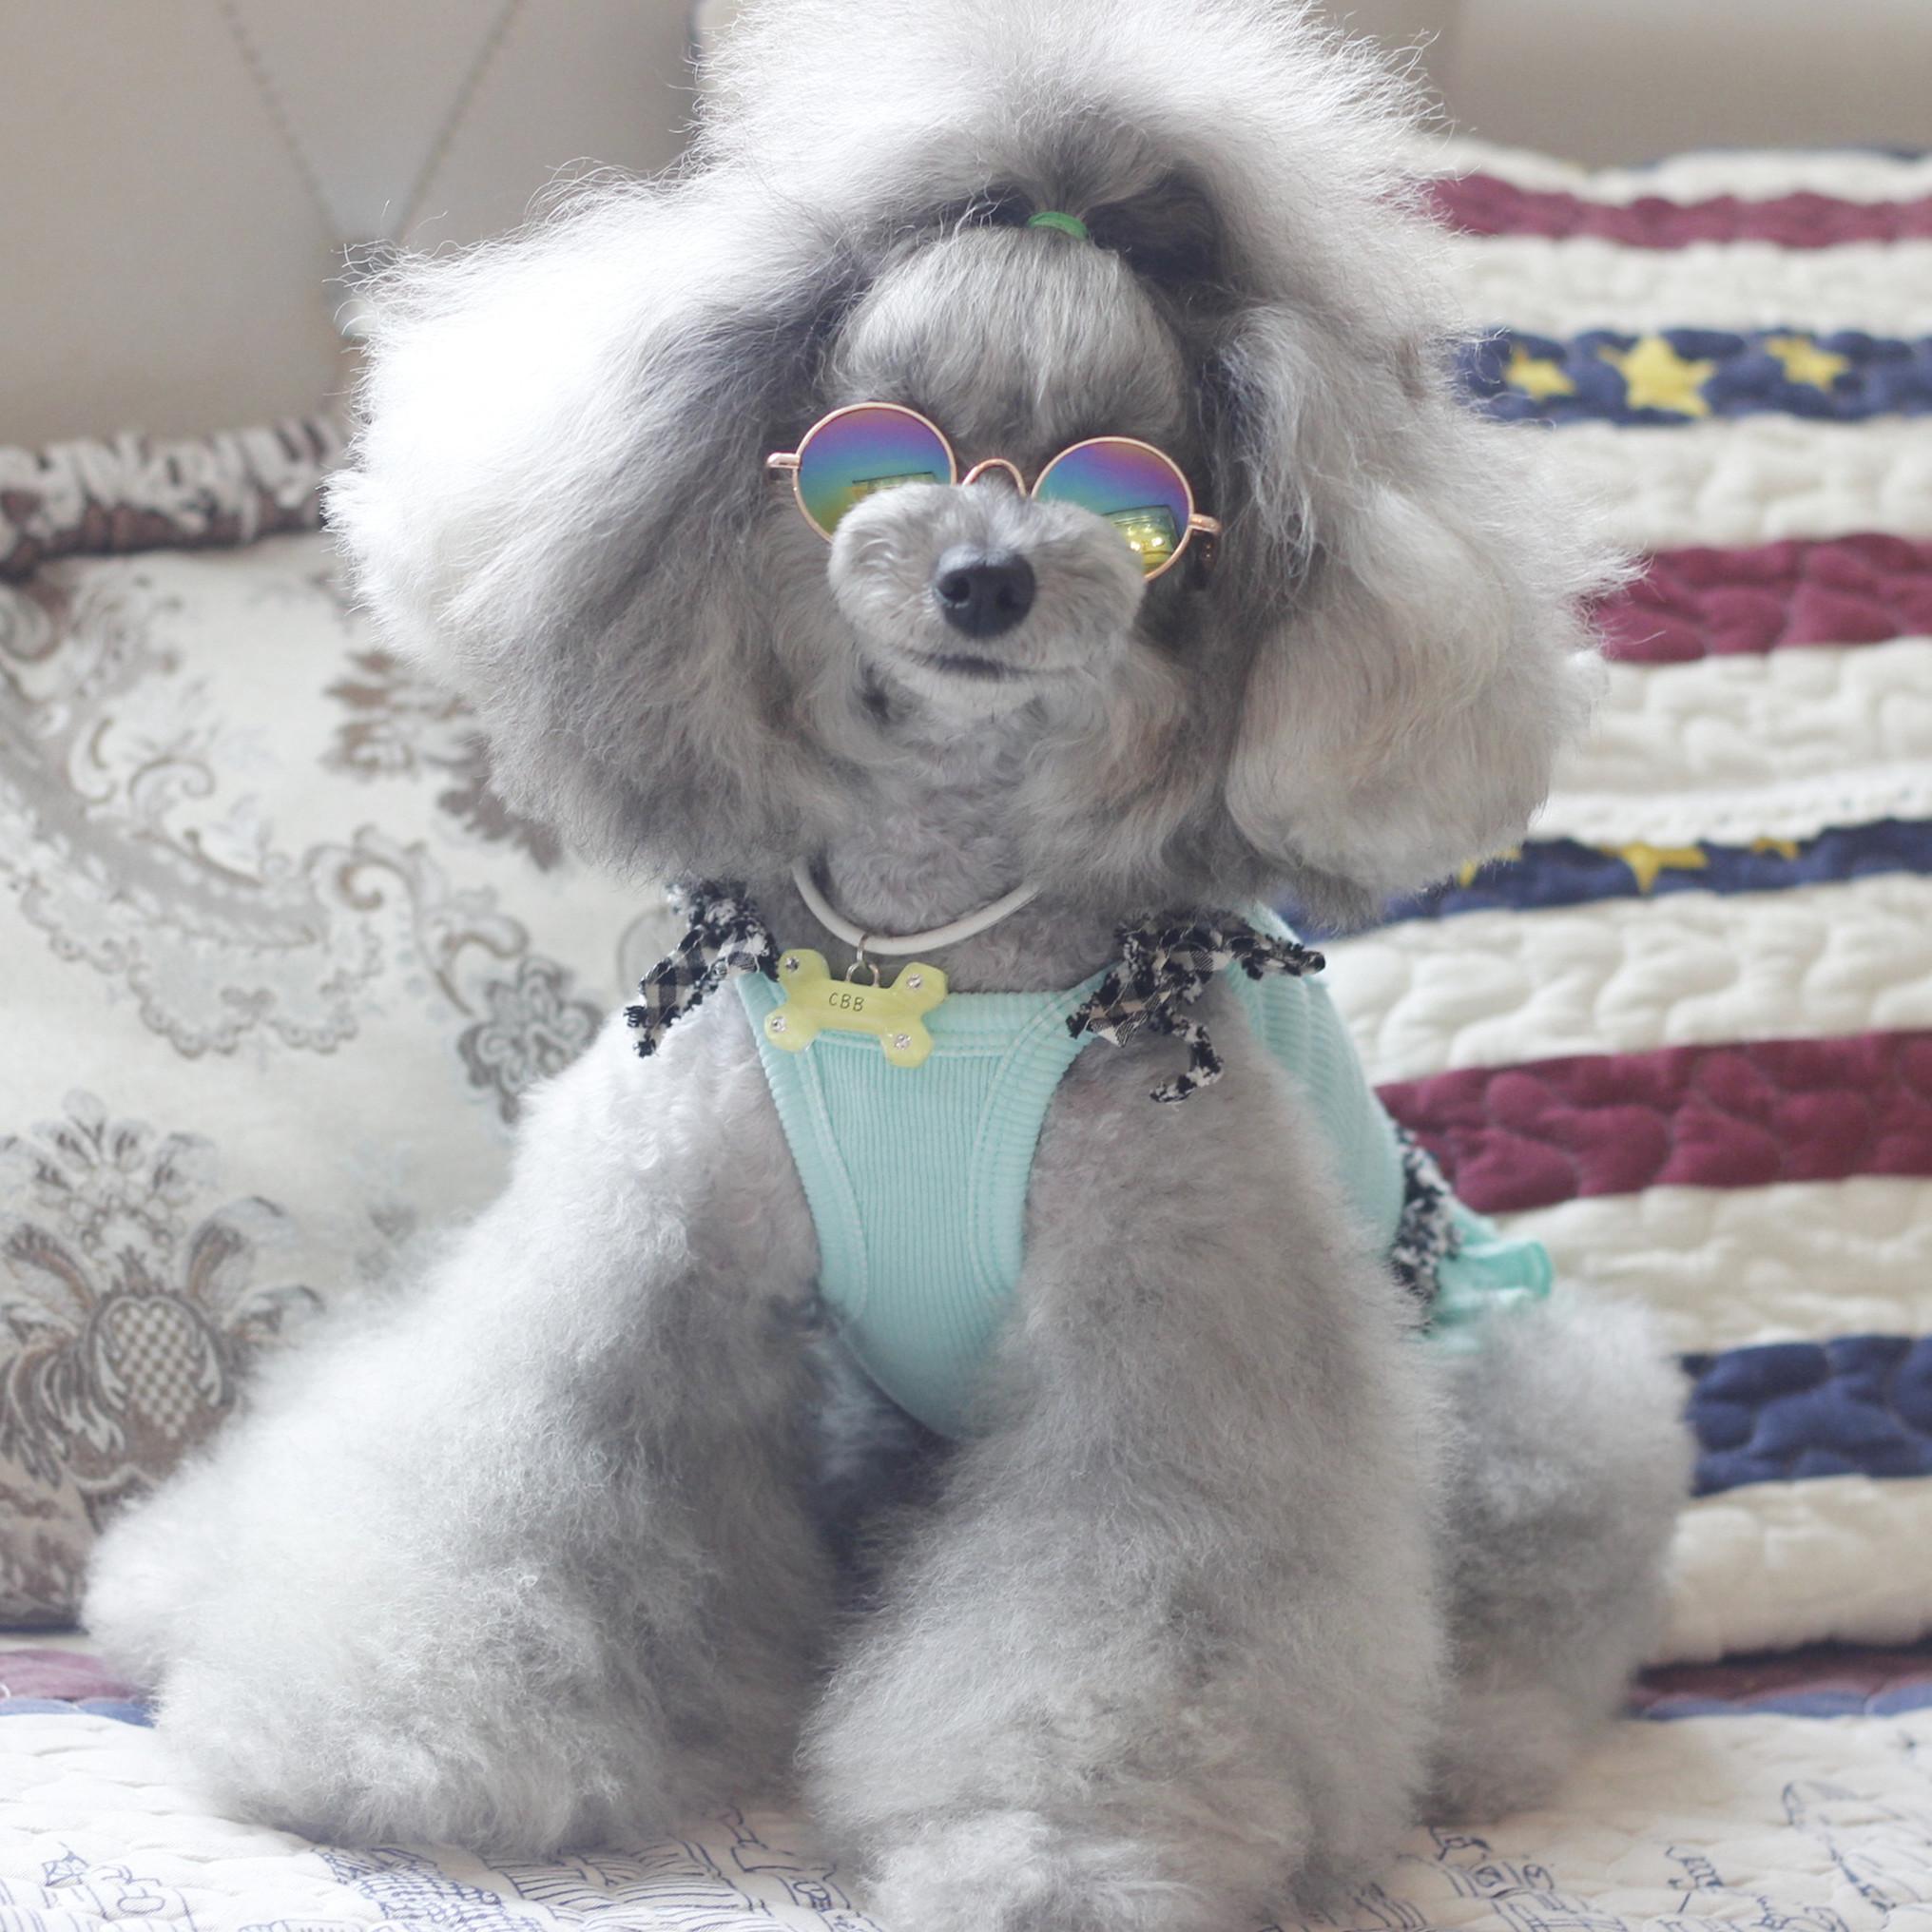 «8 см» яркий домашнее животное очки взрывная волна красивый очки китти очки собака темные очки